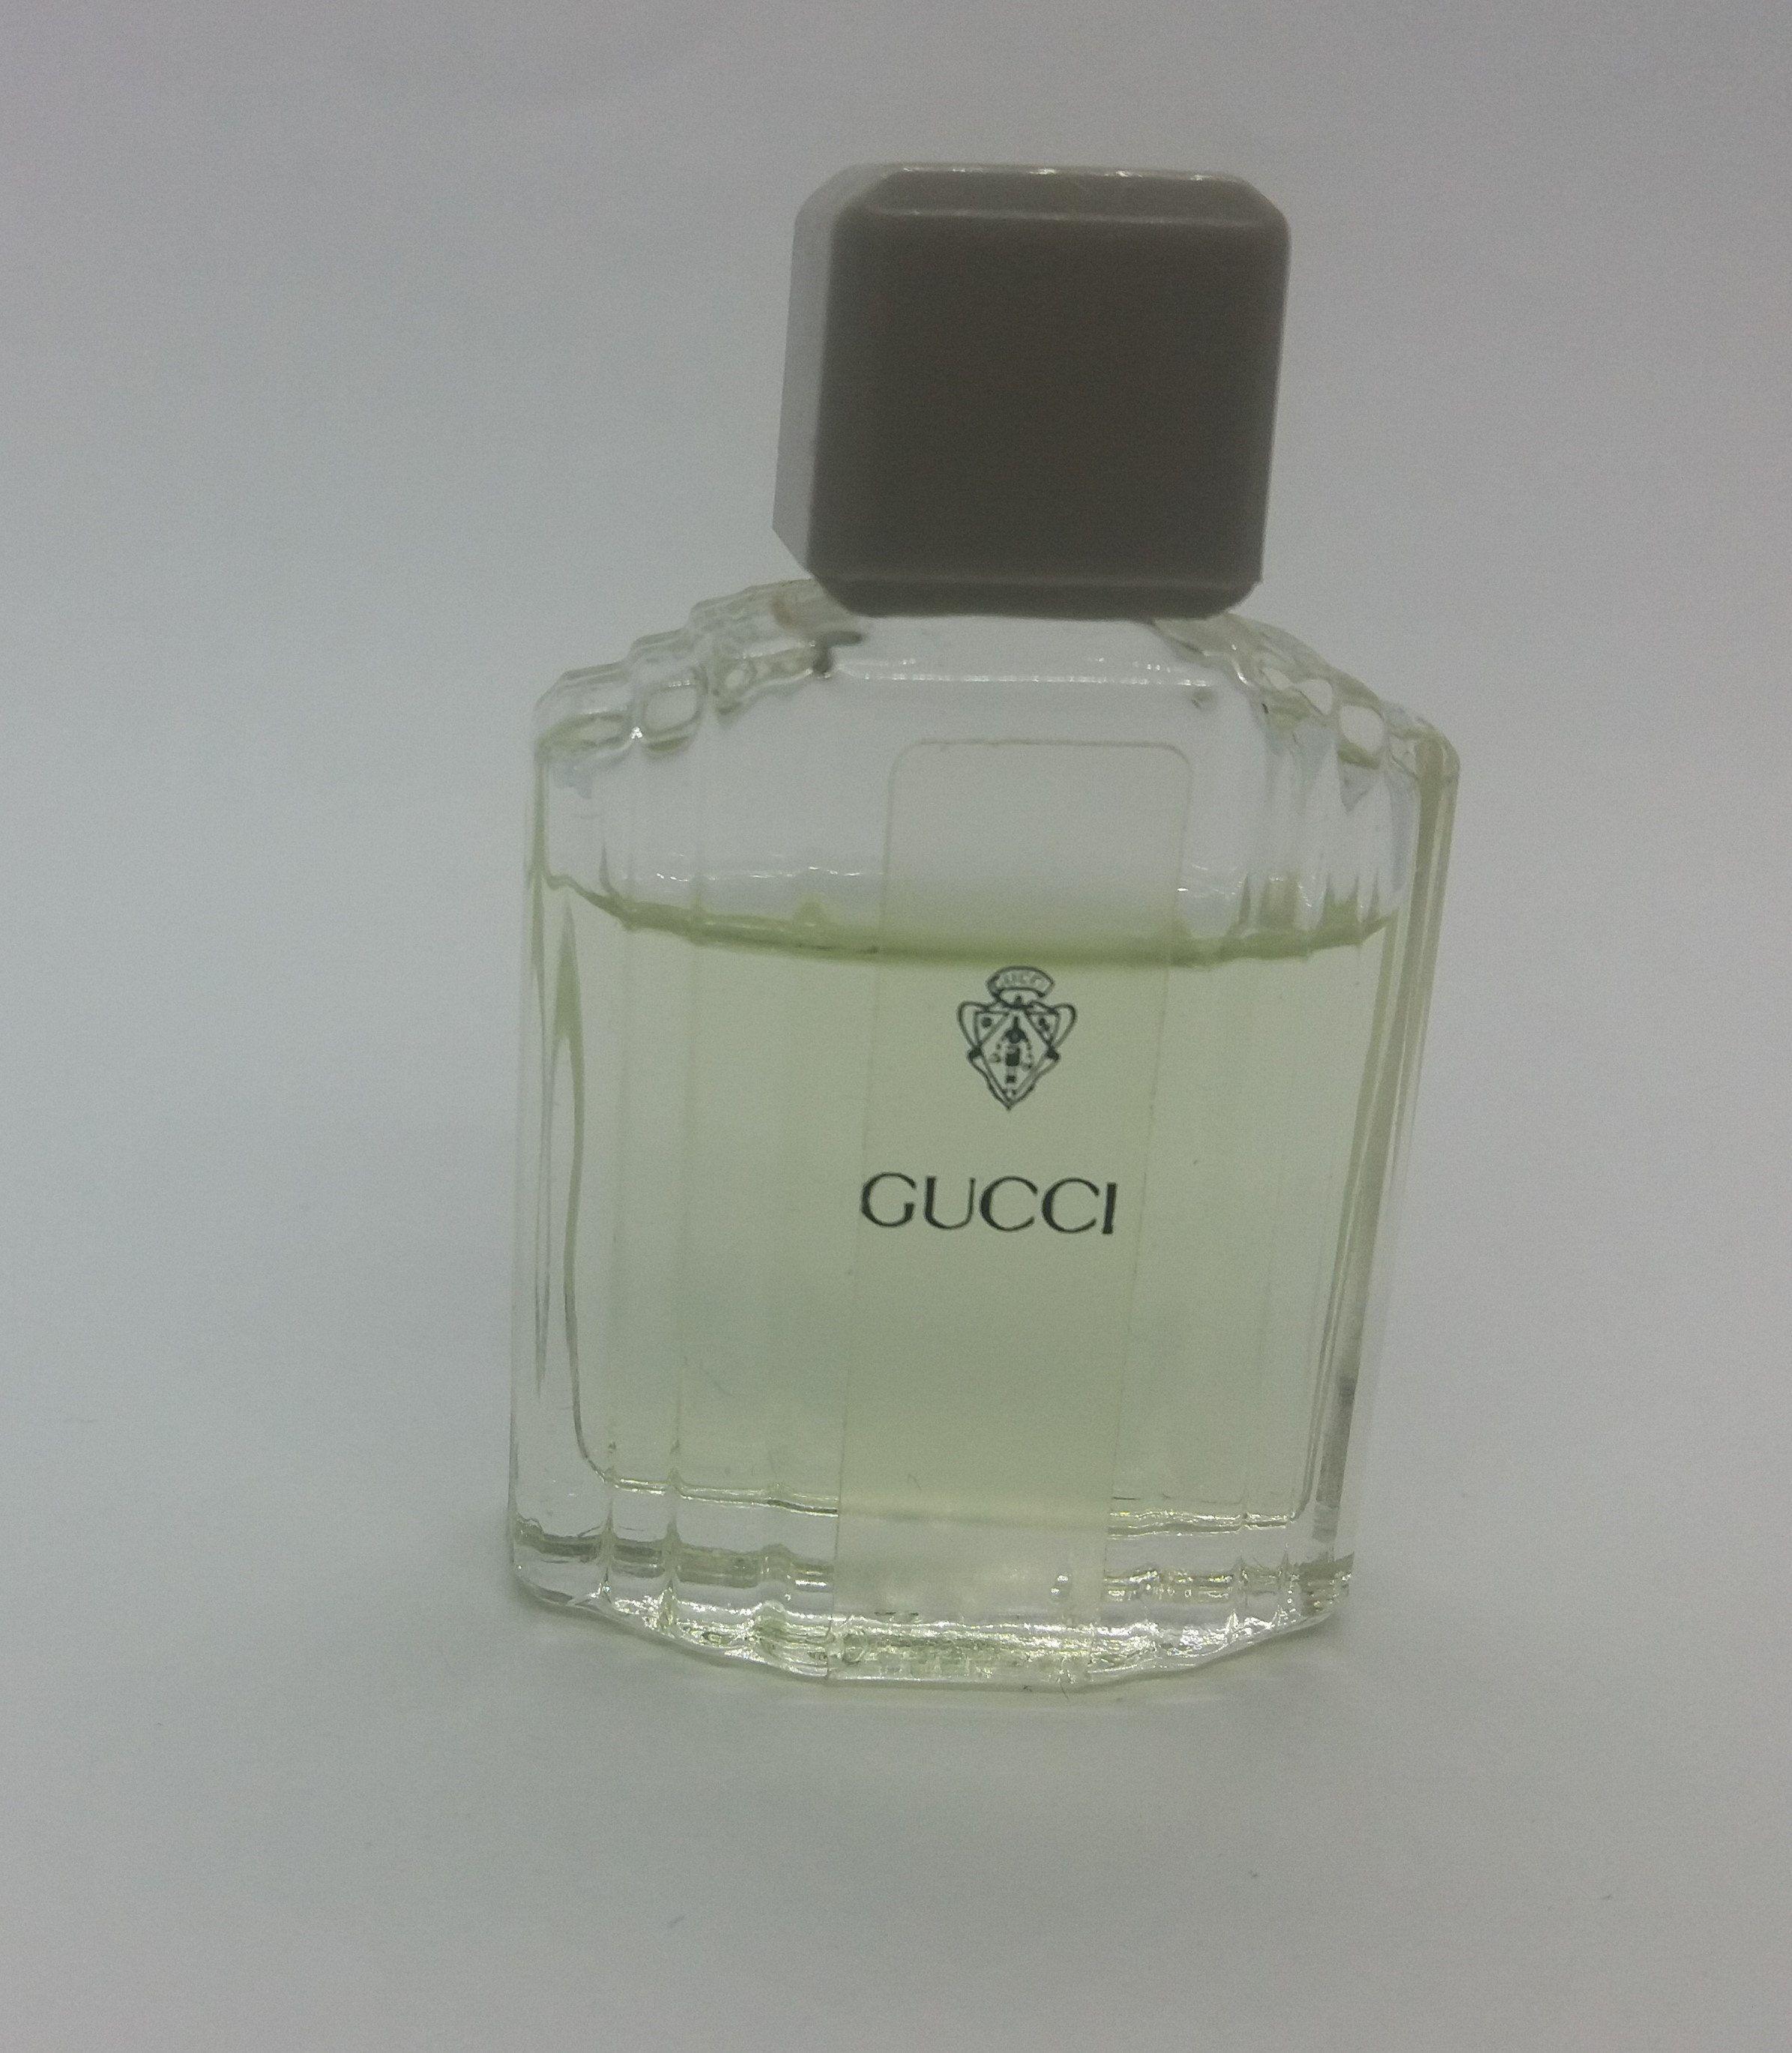 ac09da023c4bb Vintage Gucci Nobile Eau de Toilette Perfume Miniature Parfum ...